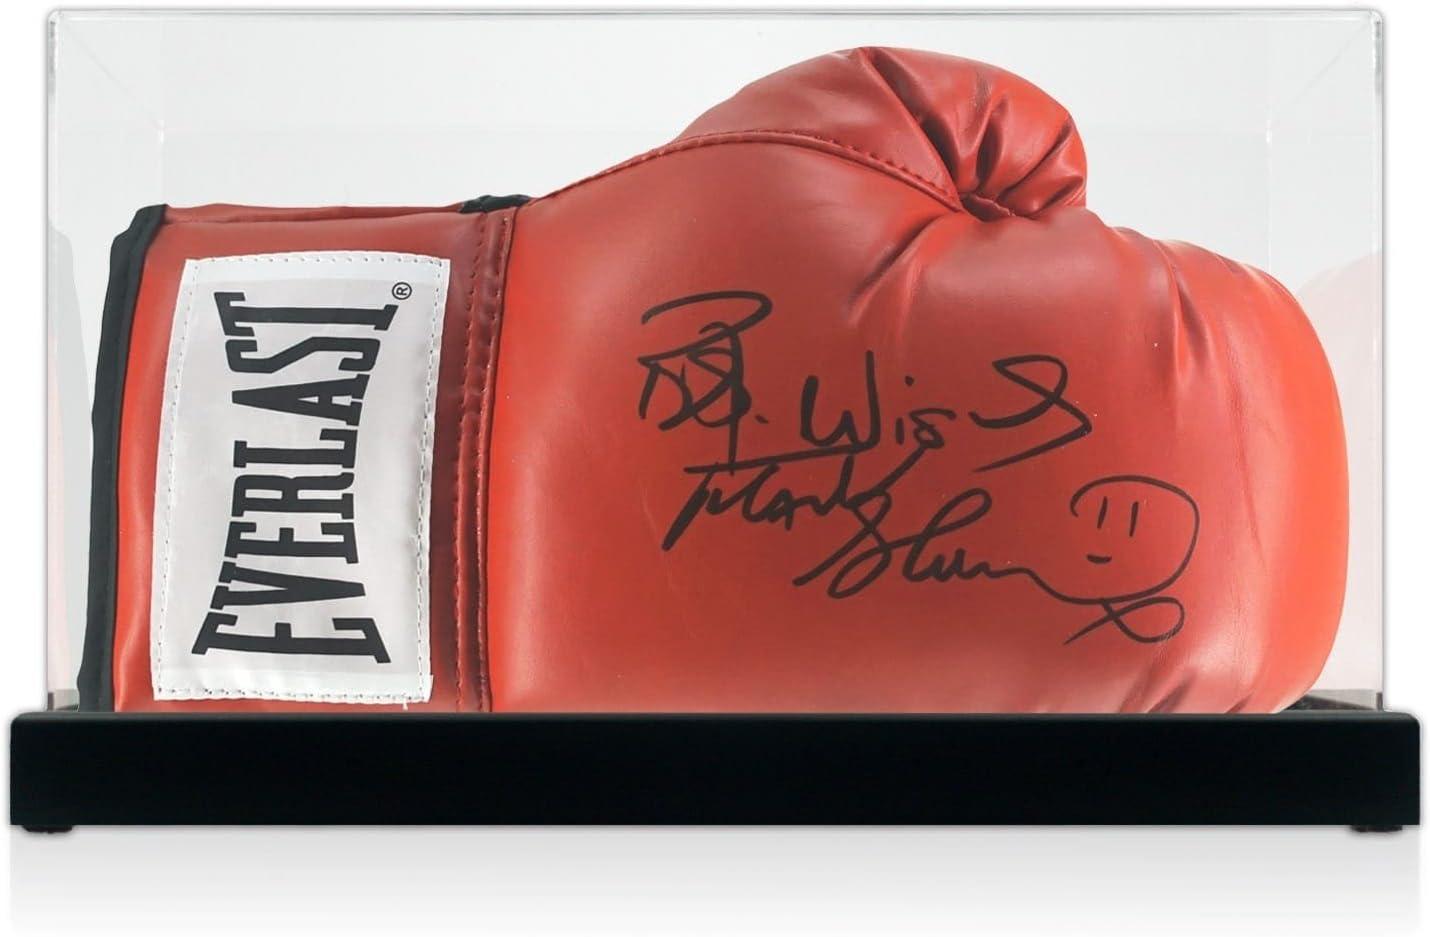 Frank Bruno firmó el guante de boxeo Everlast en el estuche: Amazon.es: Deportes y aire libre